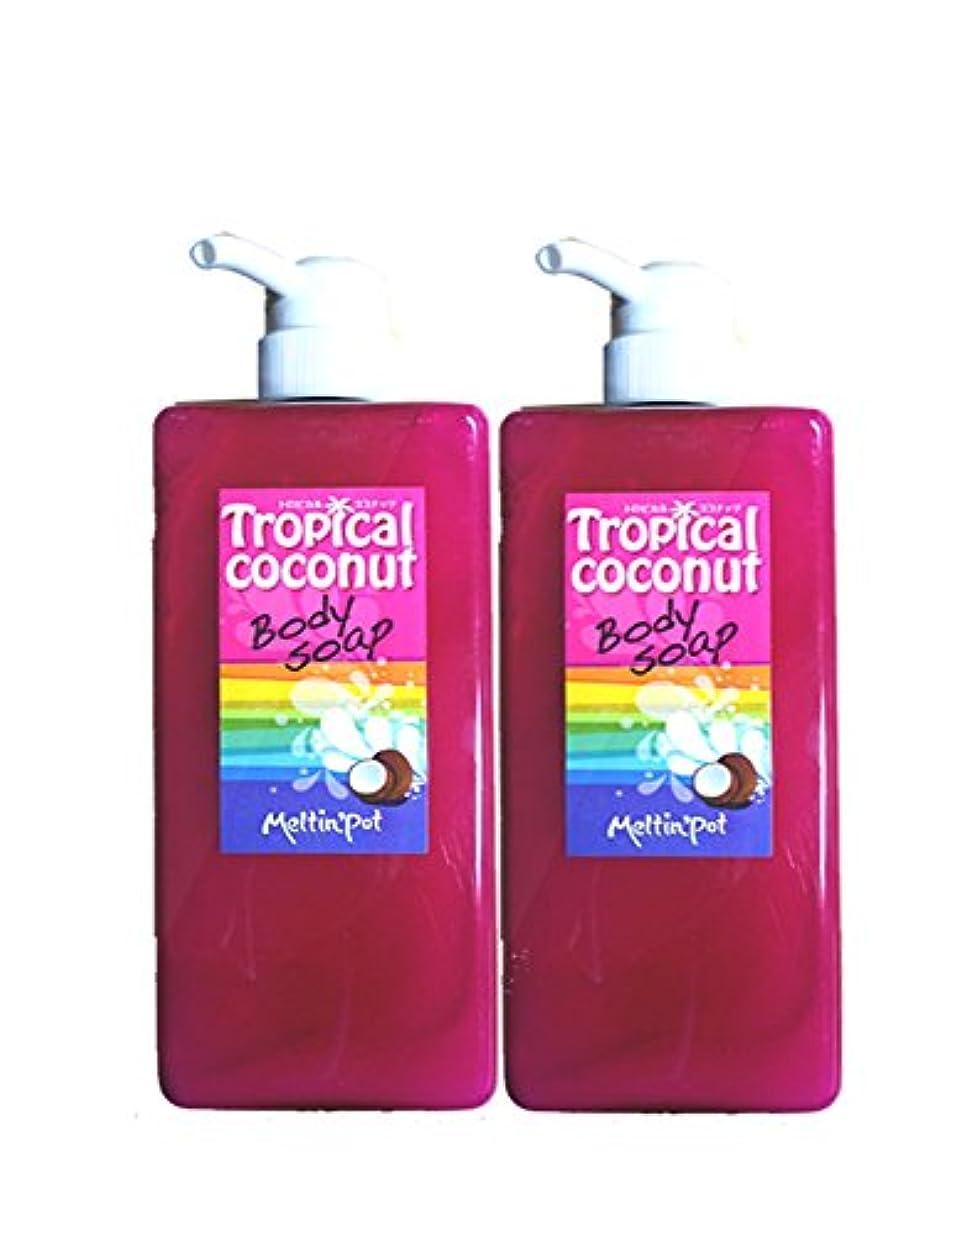 子猫お互い細部トロピカルココナッツ ボディソープ 600ml*2セット Tropical coconut Body Soap 加齢臭に!